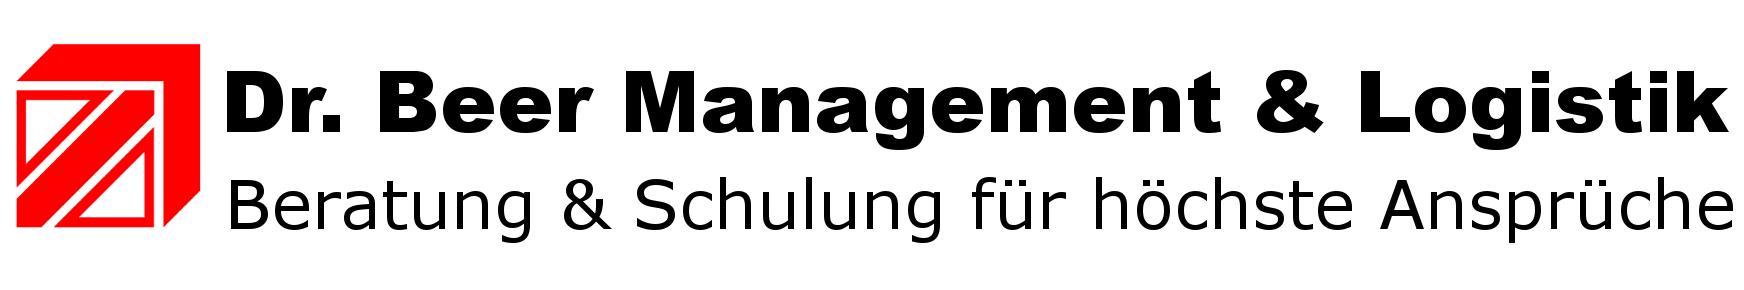 Stellenbeschreibungen.de - Stellenbeschreibungen zum Sofort-Download-Logo